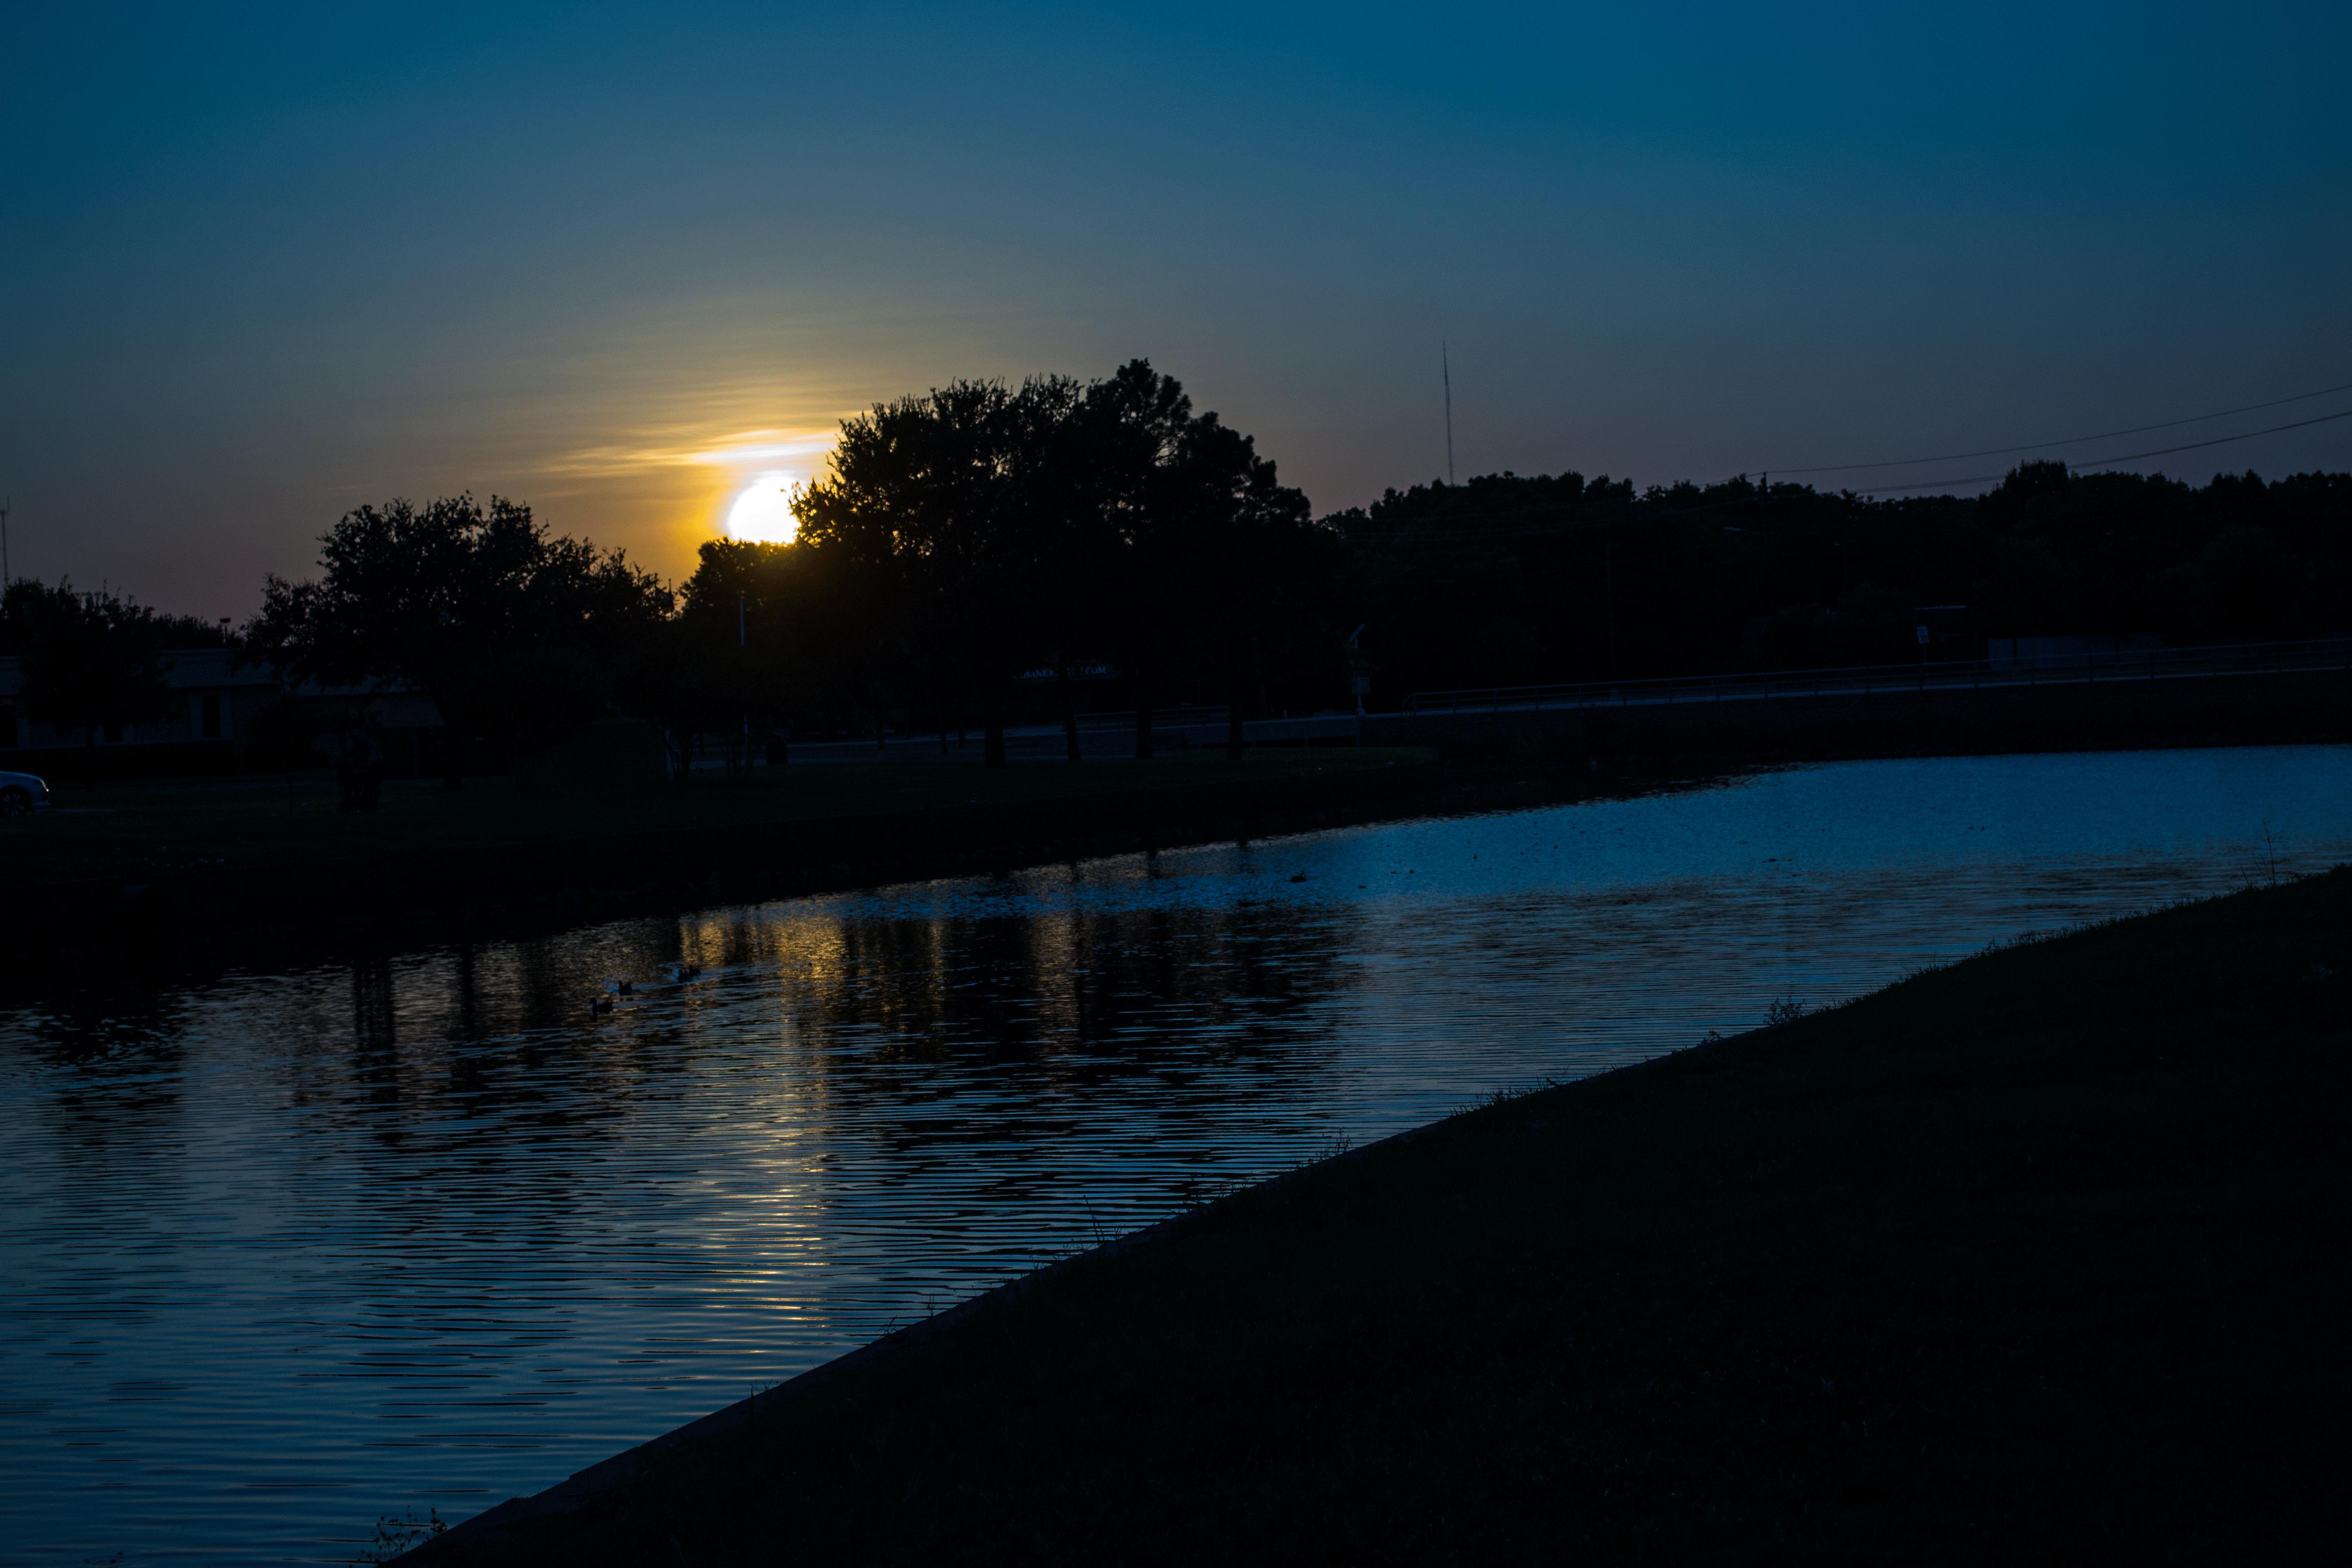 Sunset on Sikes Lake